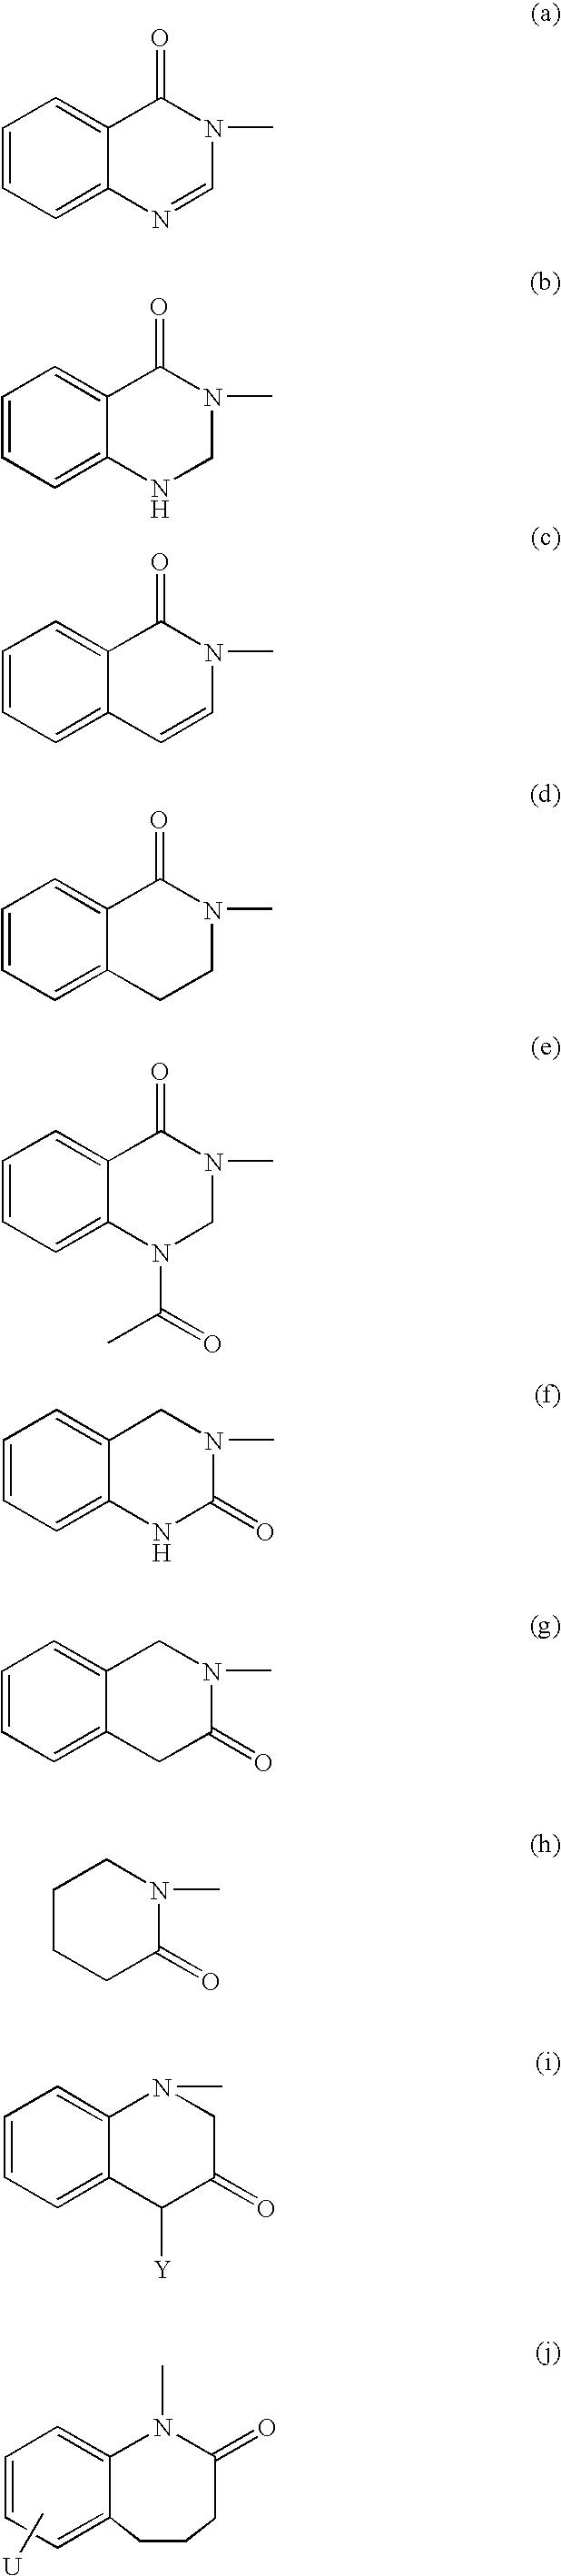 Figure US20060172992A1-20060803-C00066